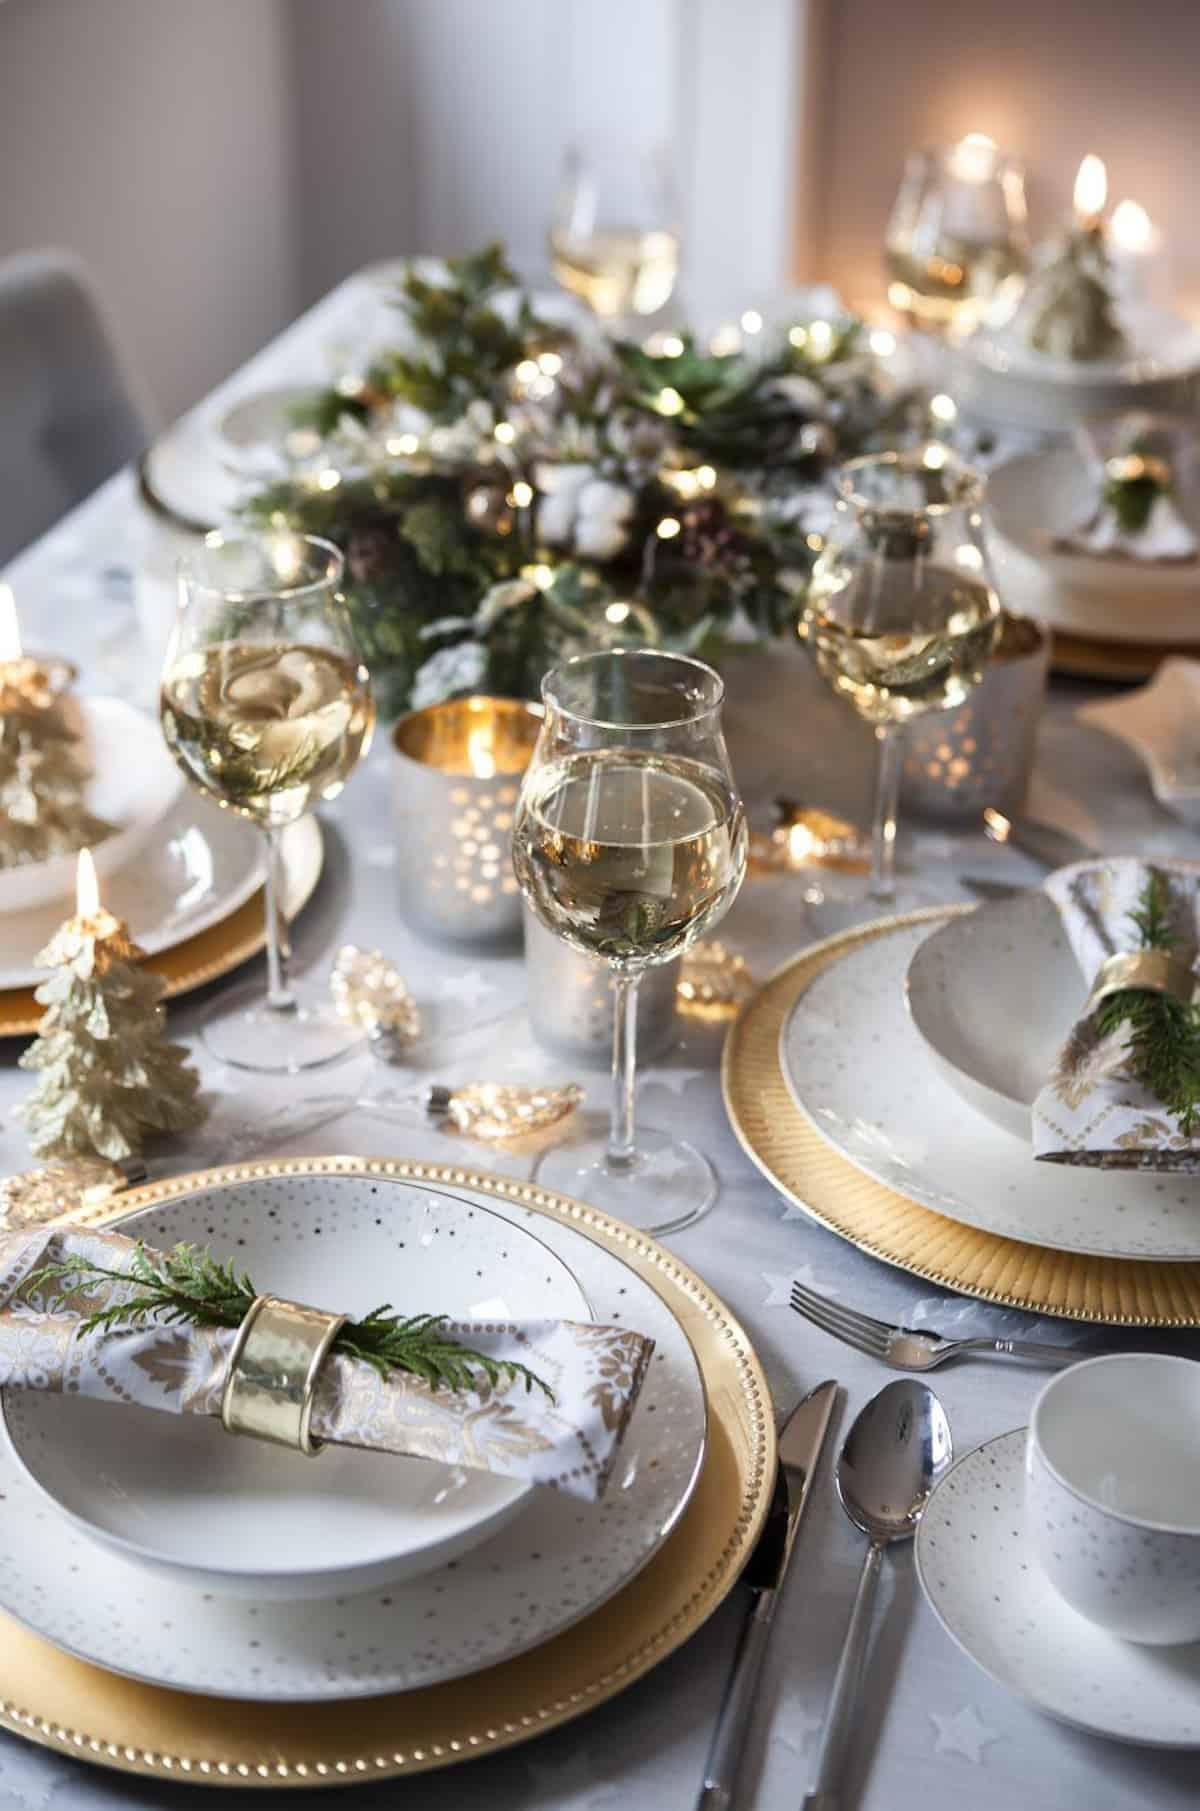 Cómo presentar una mesa de Navidad perfecta 3